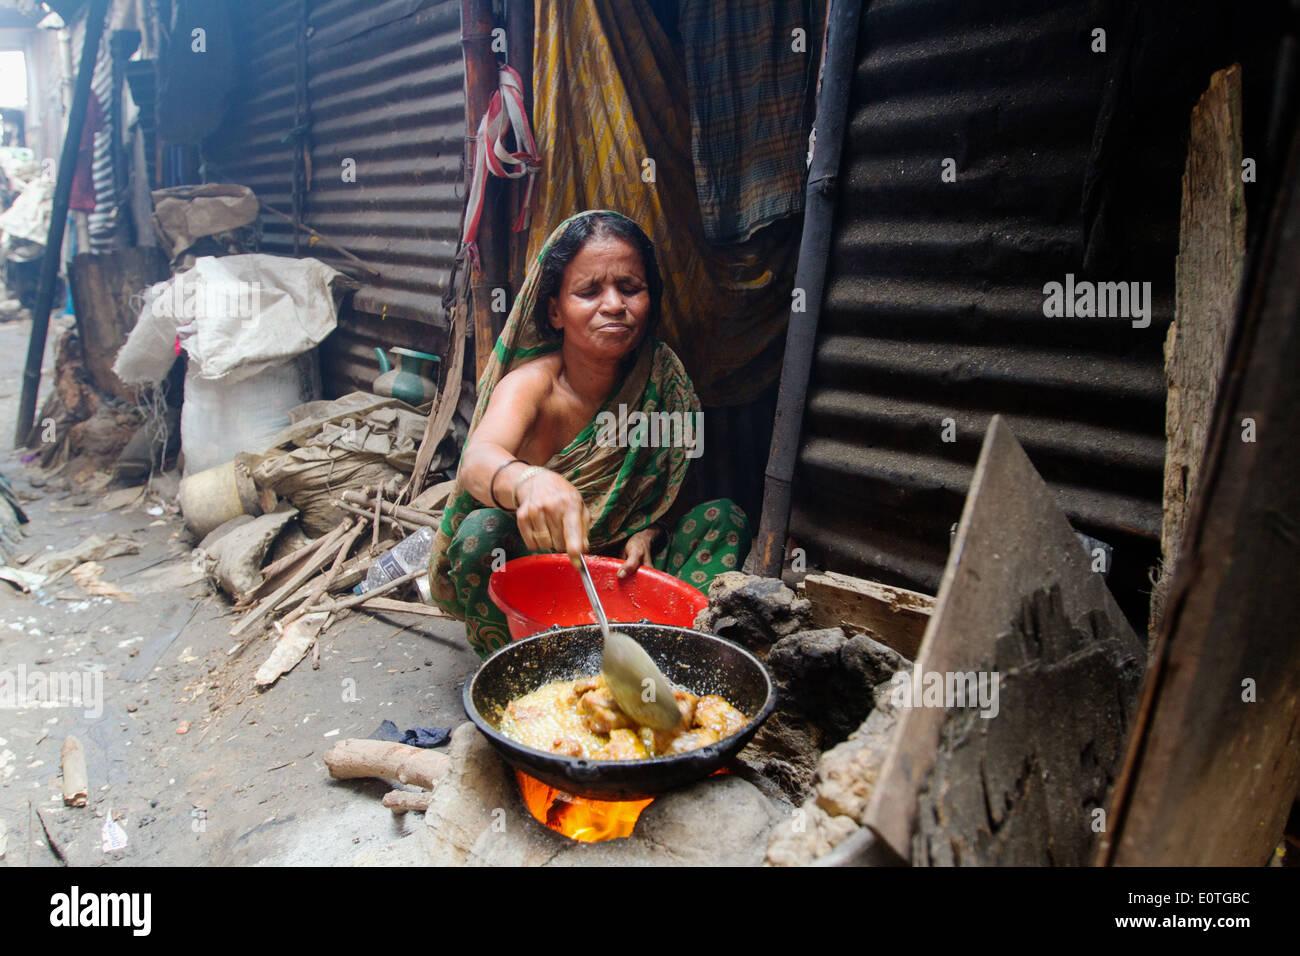 Popolo del Bangladesh in shanty parte di Dhaka che vivono in condizioni di estrema povertà. Immagini Stock